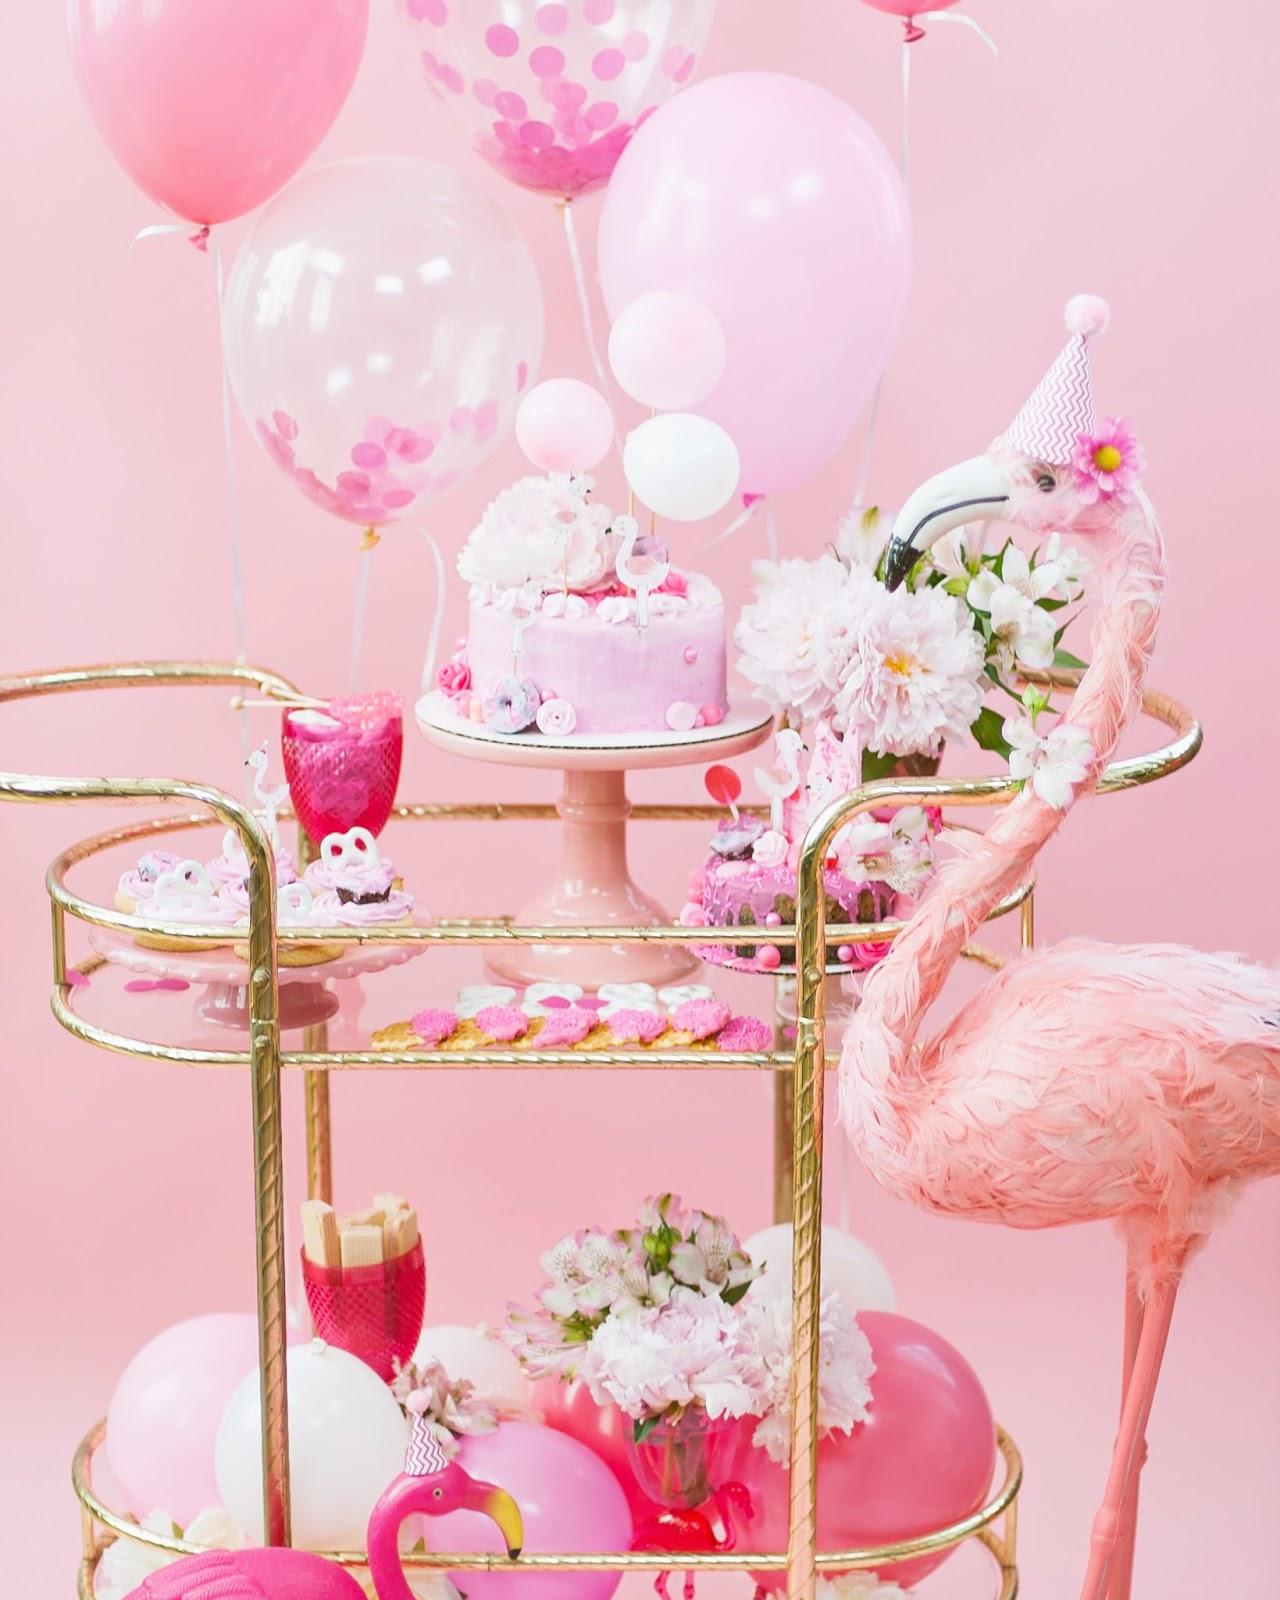 Impormptu Flamingo Party The Party Parade